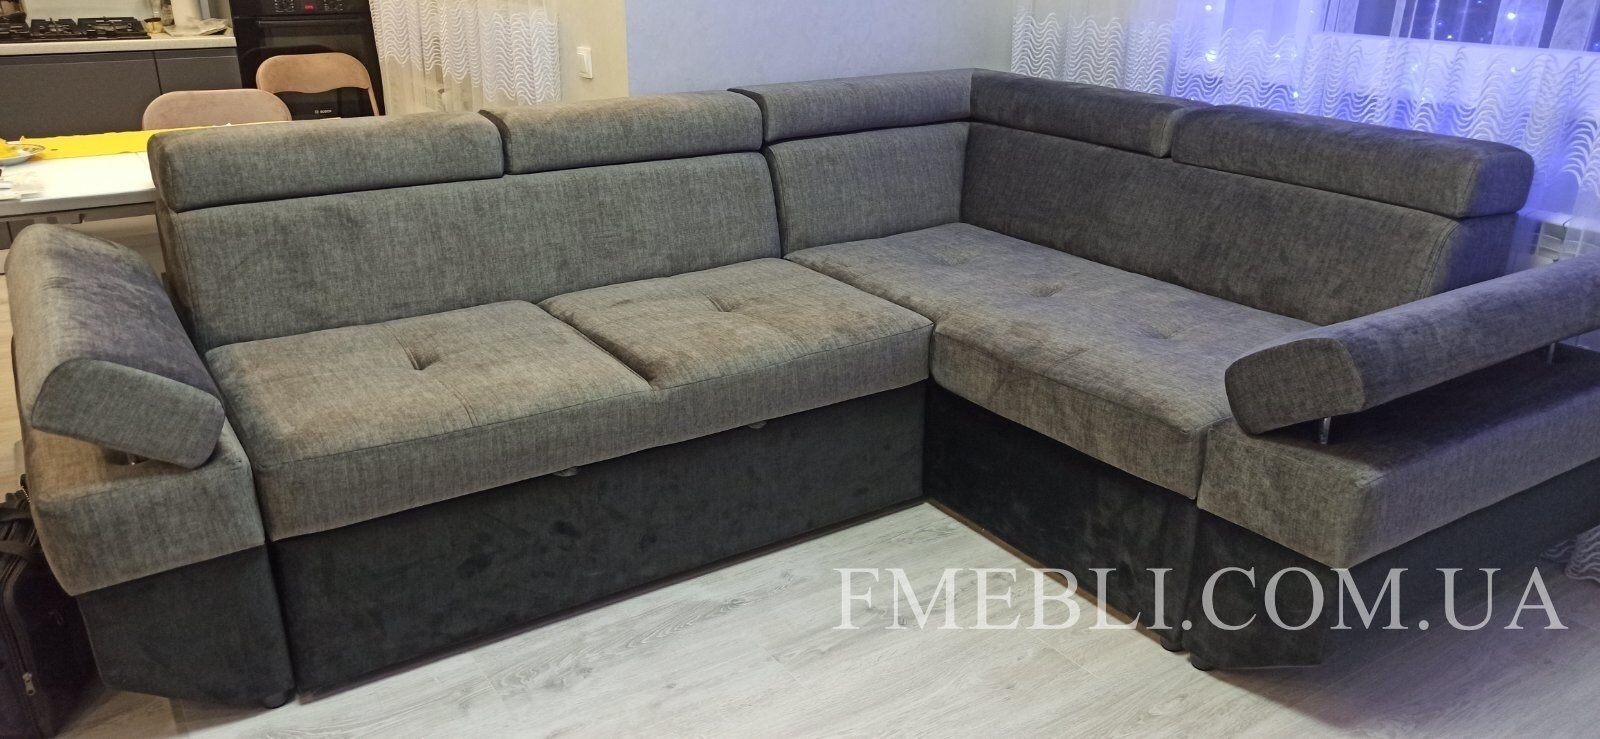 Угловой диван Сафари 2